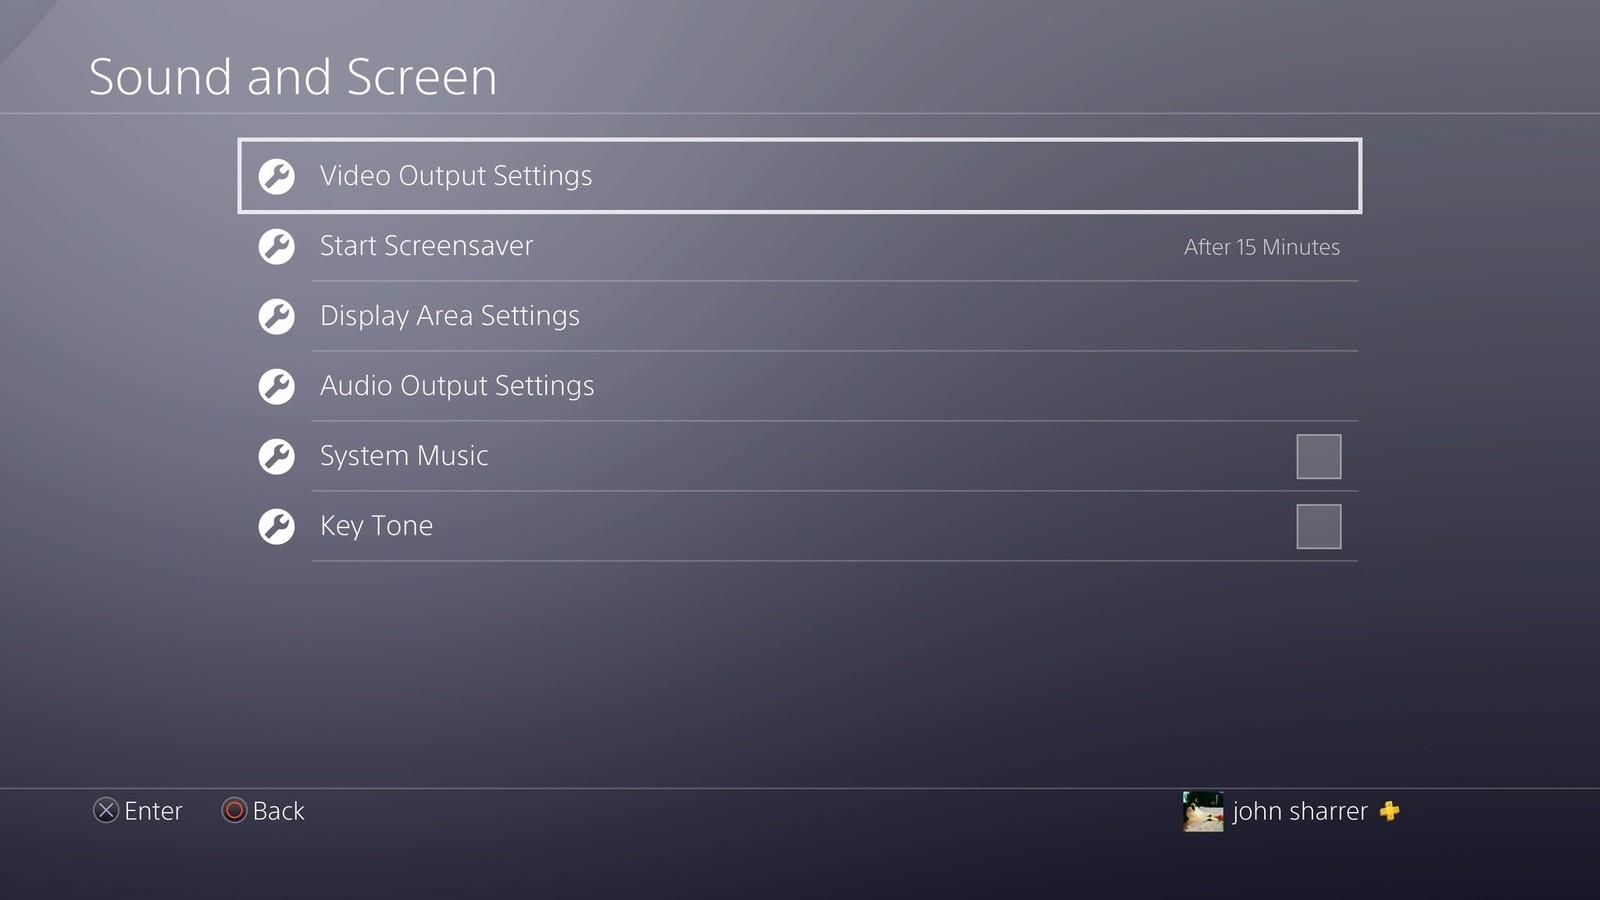 Cách bật chế độ 4K trên Playstation 4 Pro 1